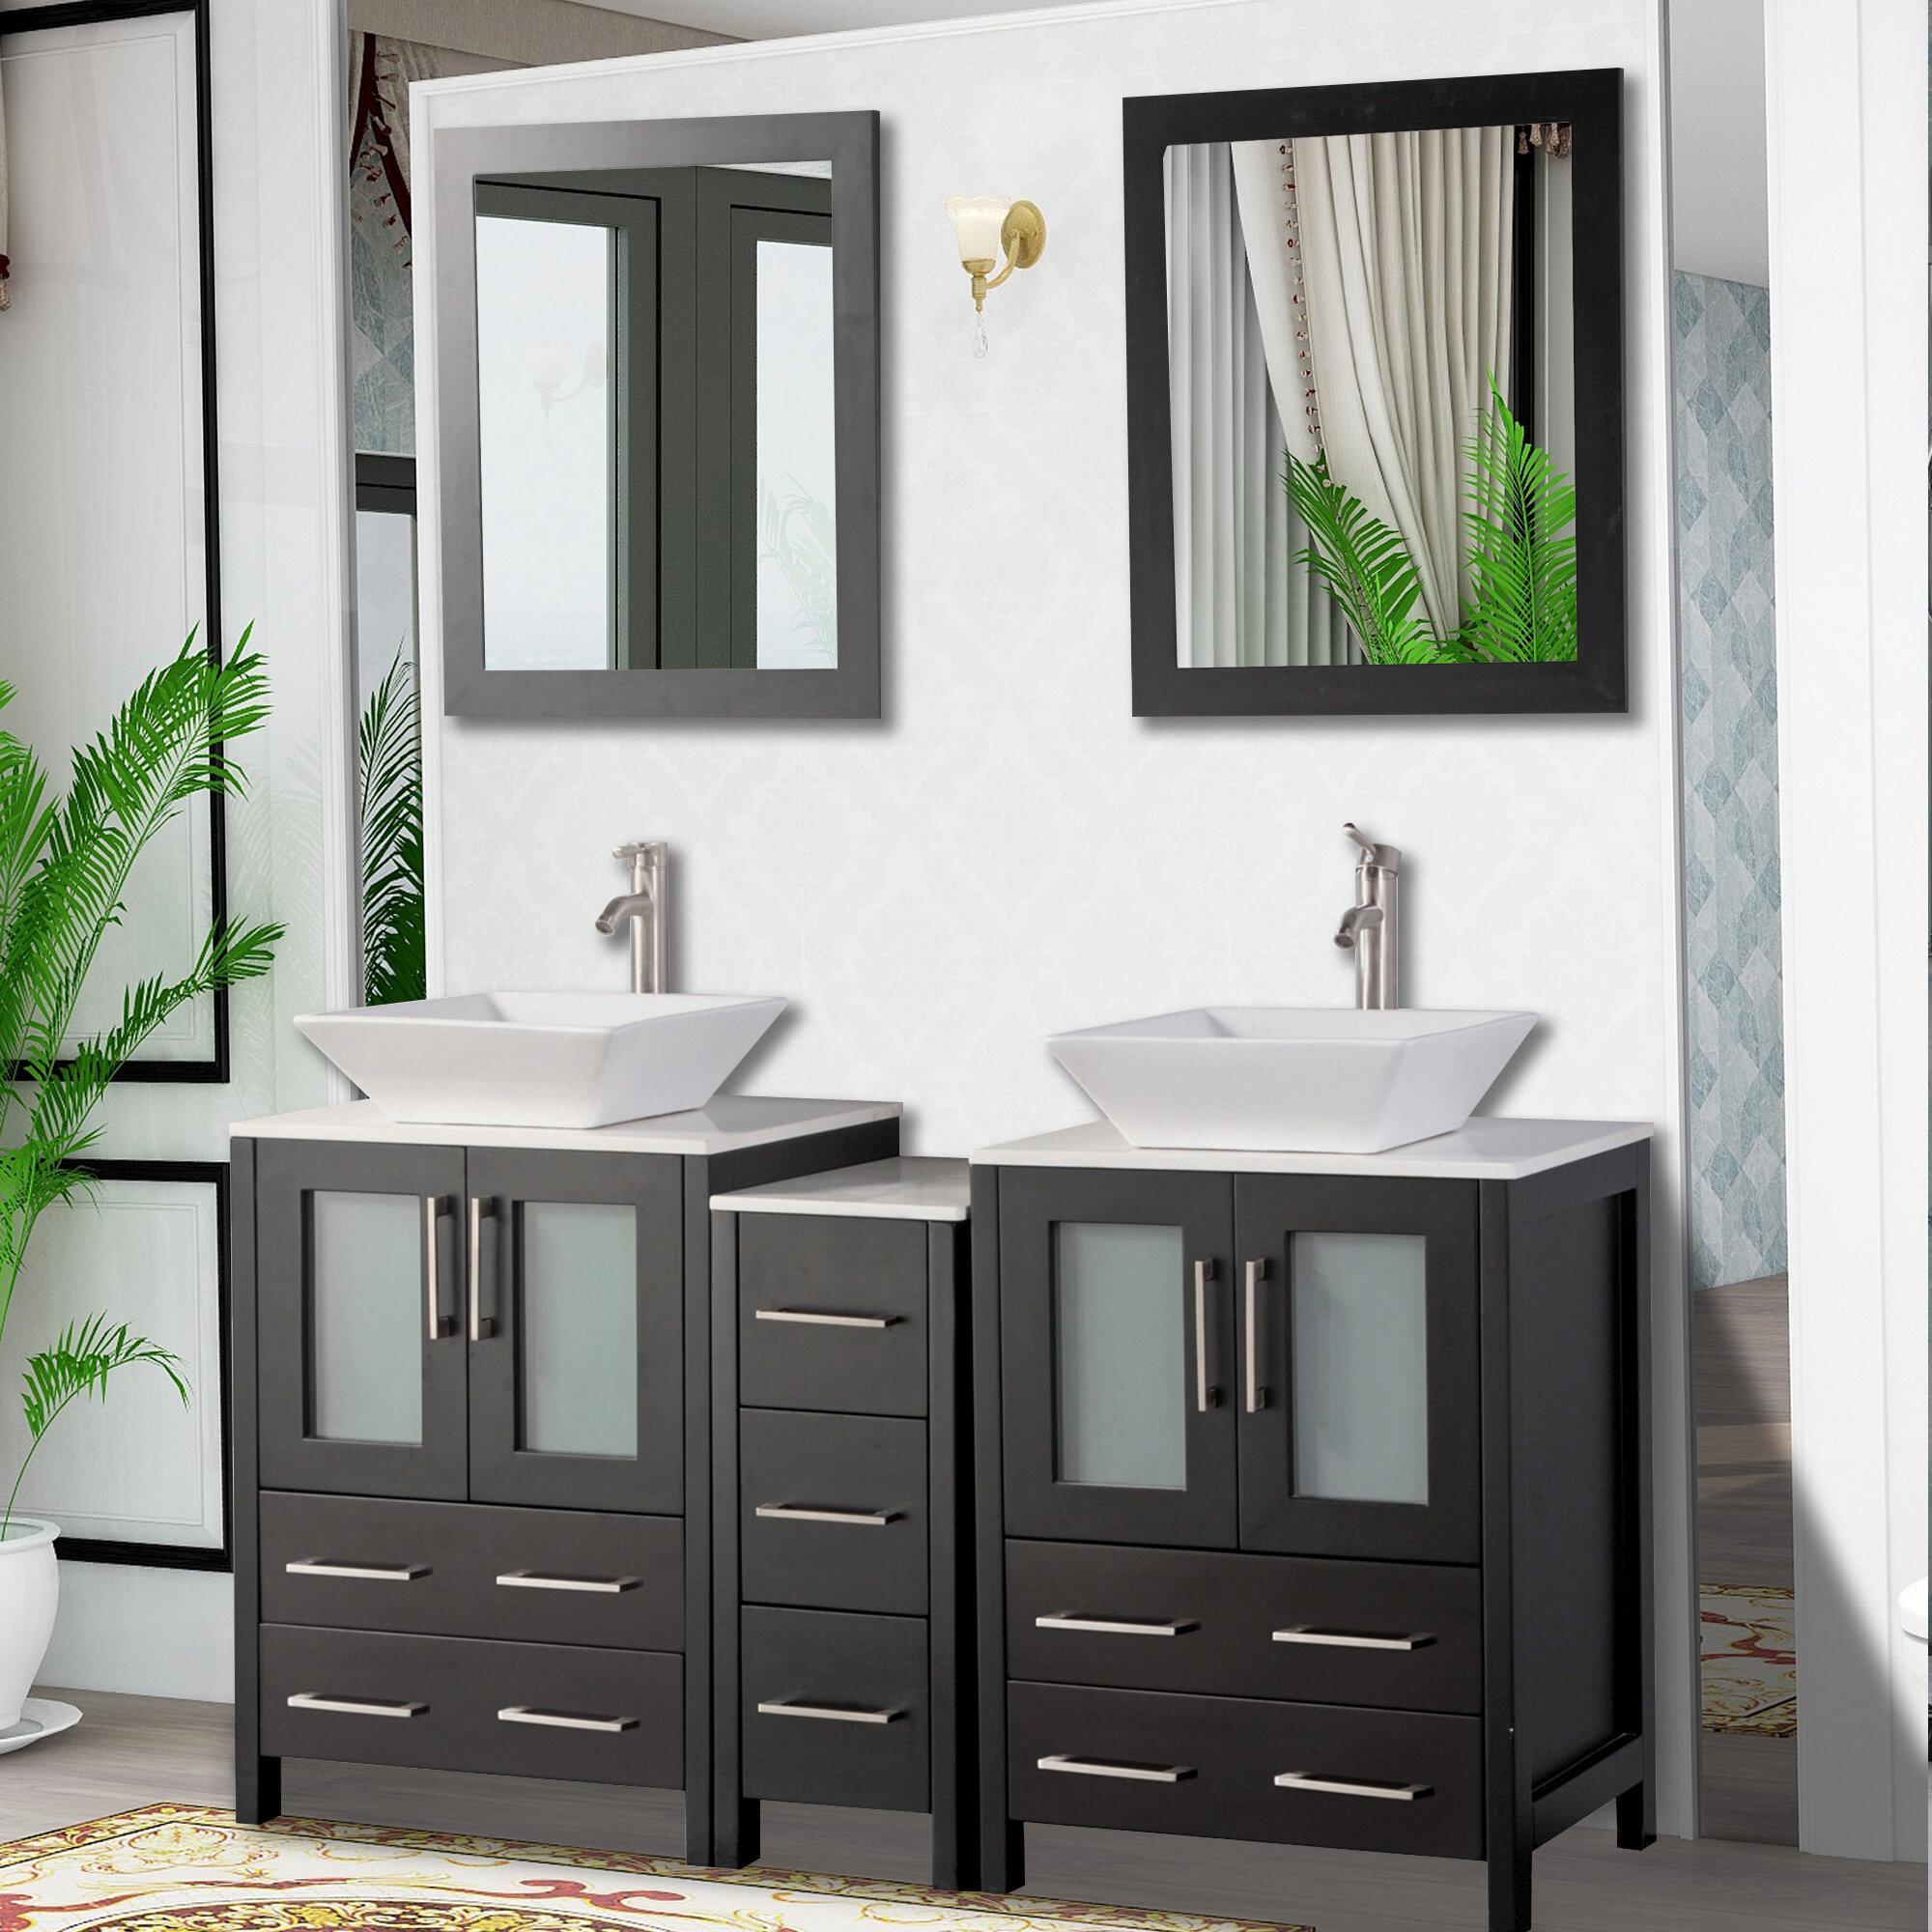 Brayden Studio Mehara 60 Double Bathroom Vanity Set With Mirror Reviews Wayfair